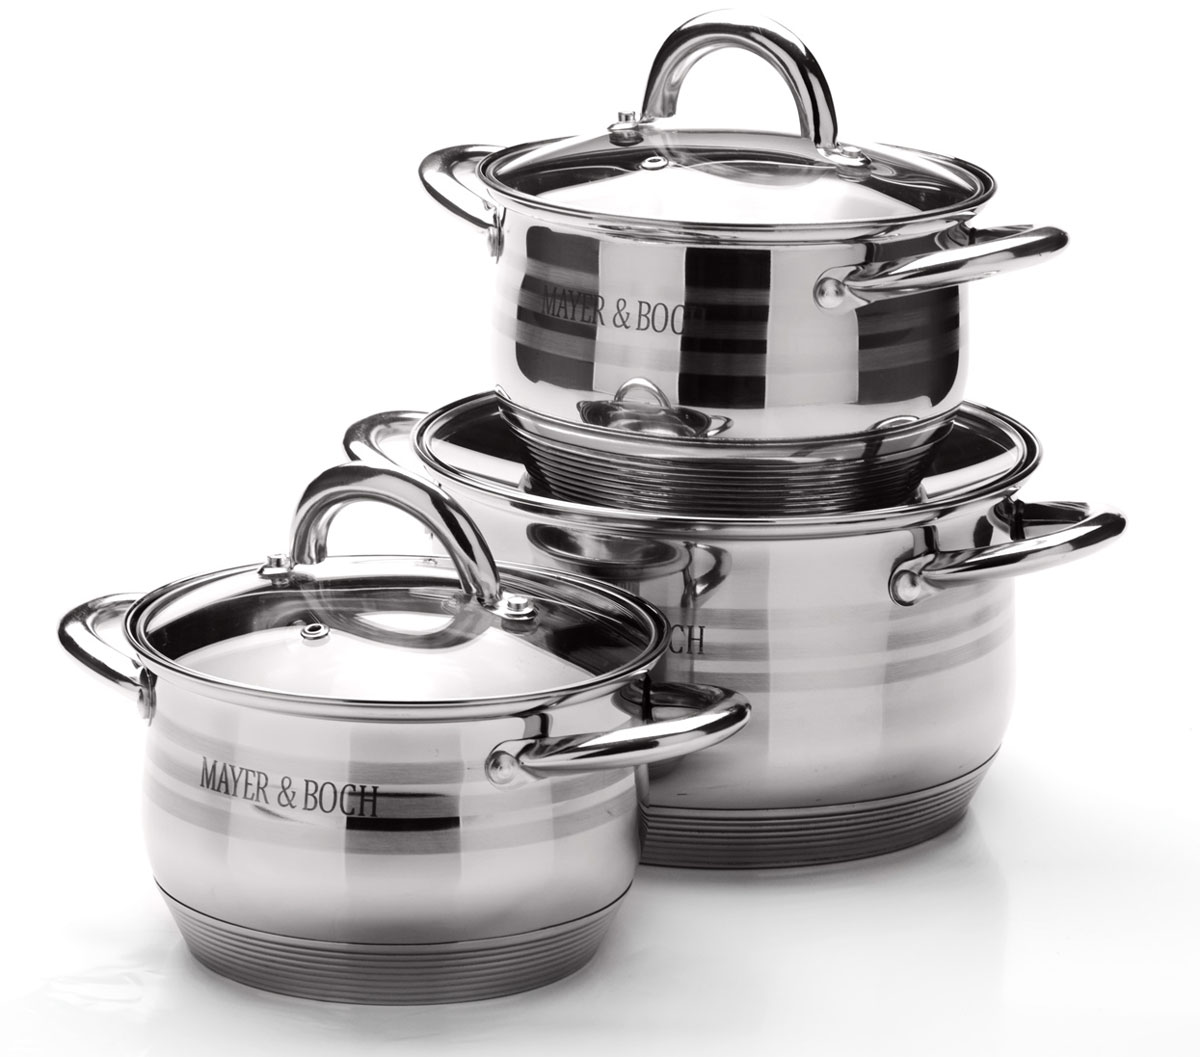 Набор посуды Mayer & Boch, 6 предметов. 2566825668Набор посуды станет отличным дополнением к набору кухонной утвари. С его приобретением приготовление ваших любимых блюд перейдет на качественно новый уровень и вы сможете воплотить в жизнь любые кулинарные идеи. В комплект входят 6 предметов: 3 кастрюли (объем 2,1/ 2,1/ 3,9), 3 крышки. Набор многофункционален и удобен в использовании, подойдет для варки супов, приготовления блюд из мяса и рыбы, гарниров, соусов т. д.